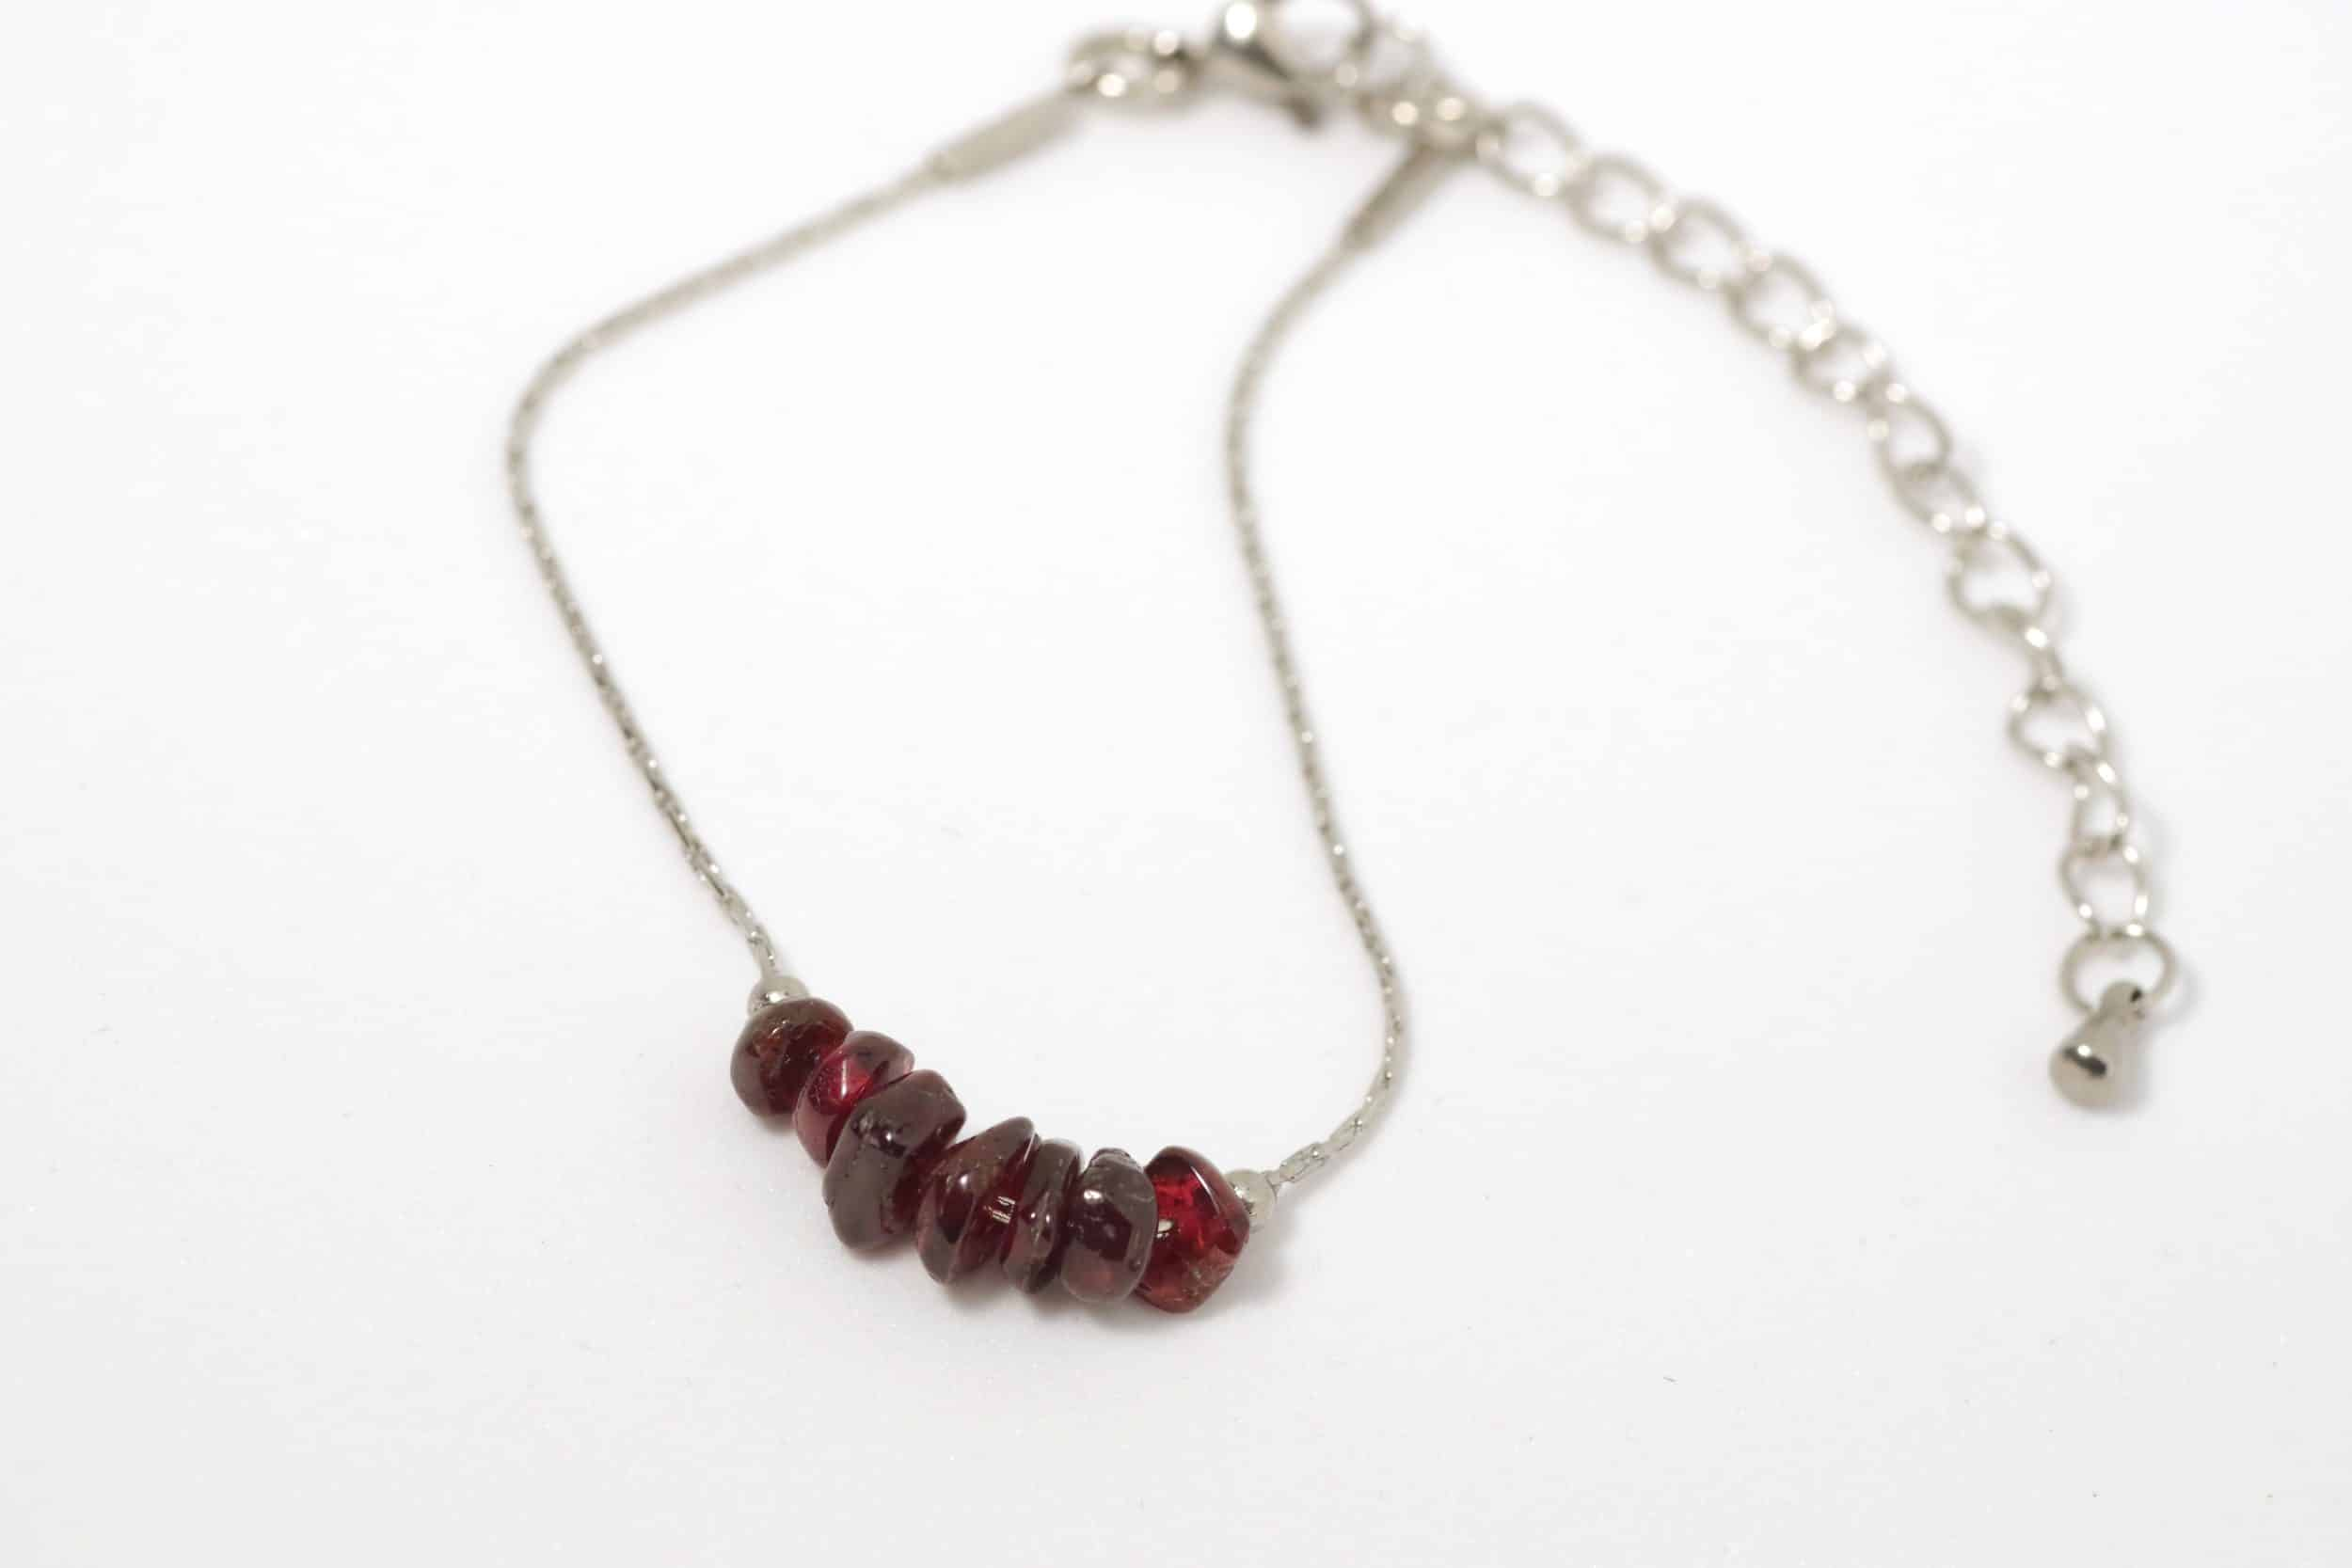 bracelet fin : chaîne en inox et pierres rouges grenat irrégulières